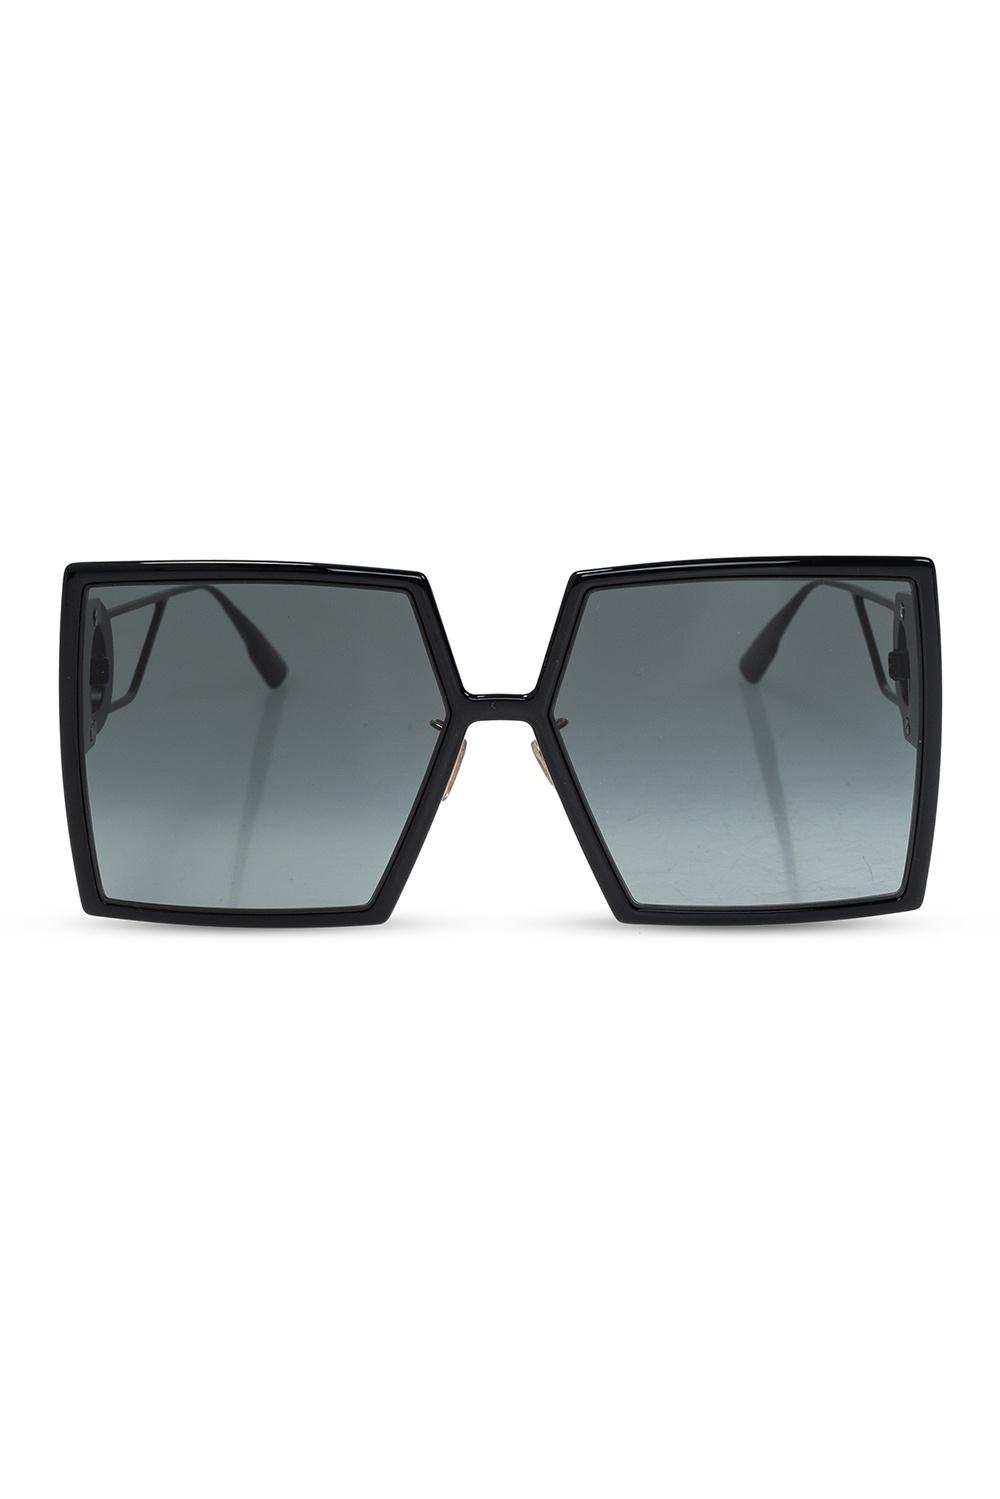 Dior '30Montaigne' sunglasses